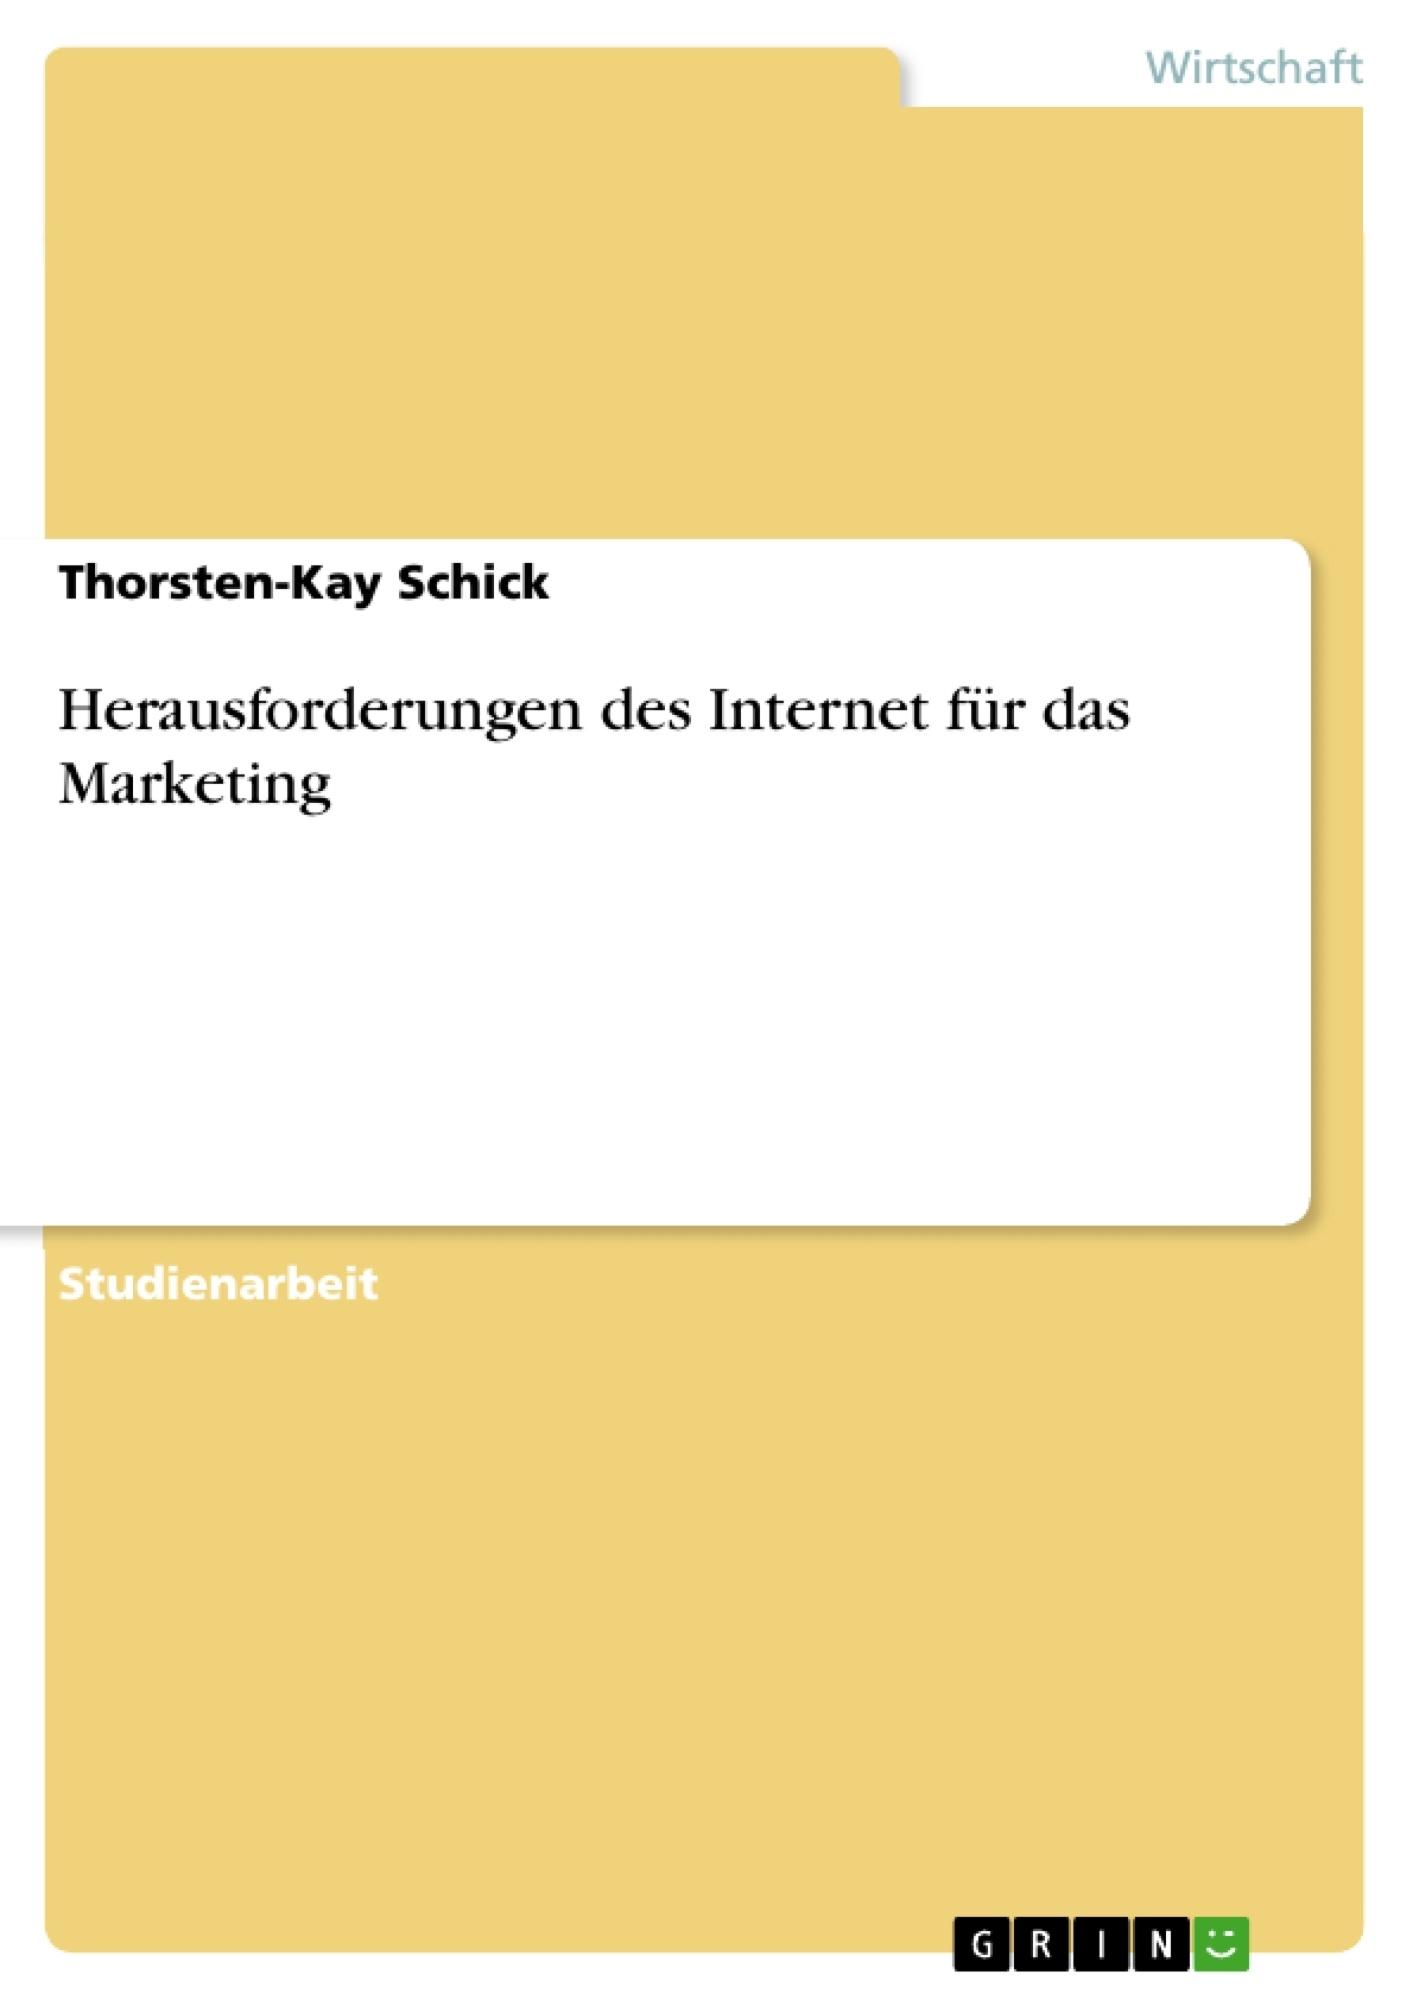 Titel: Herausforderungen des Internet für das Marketing